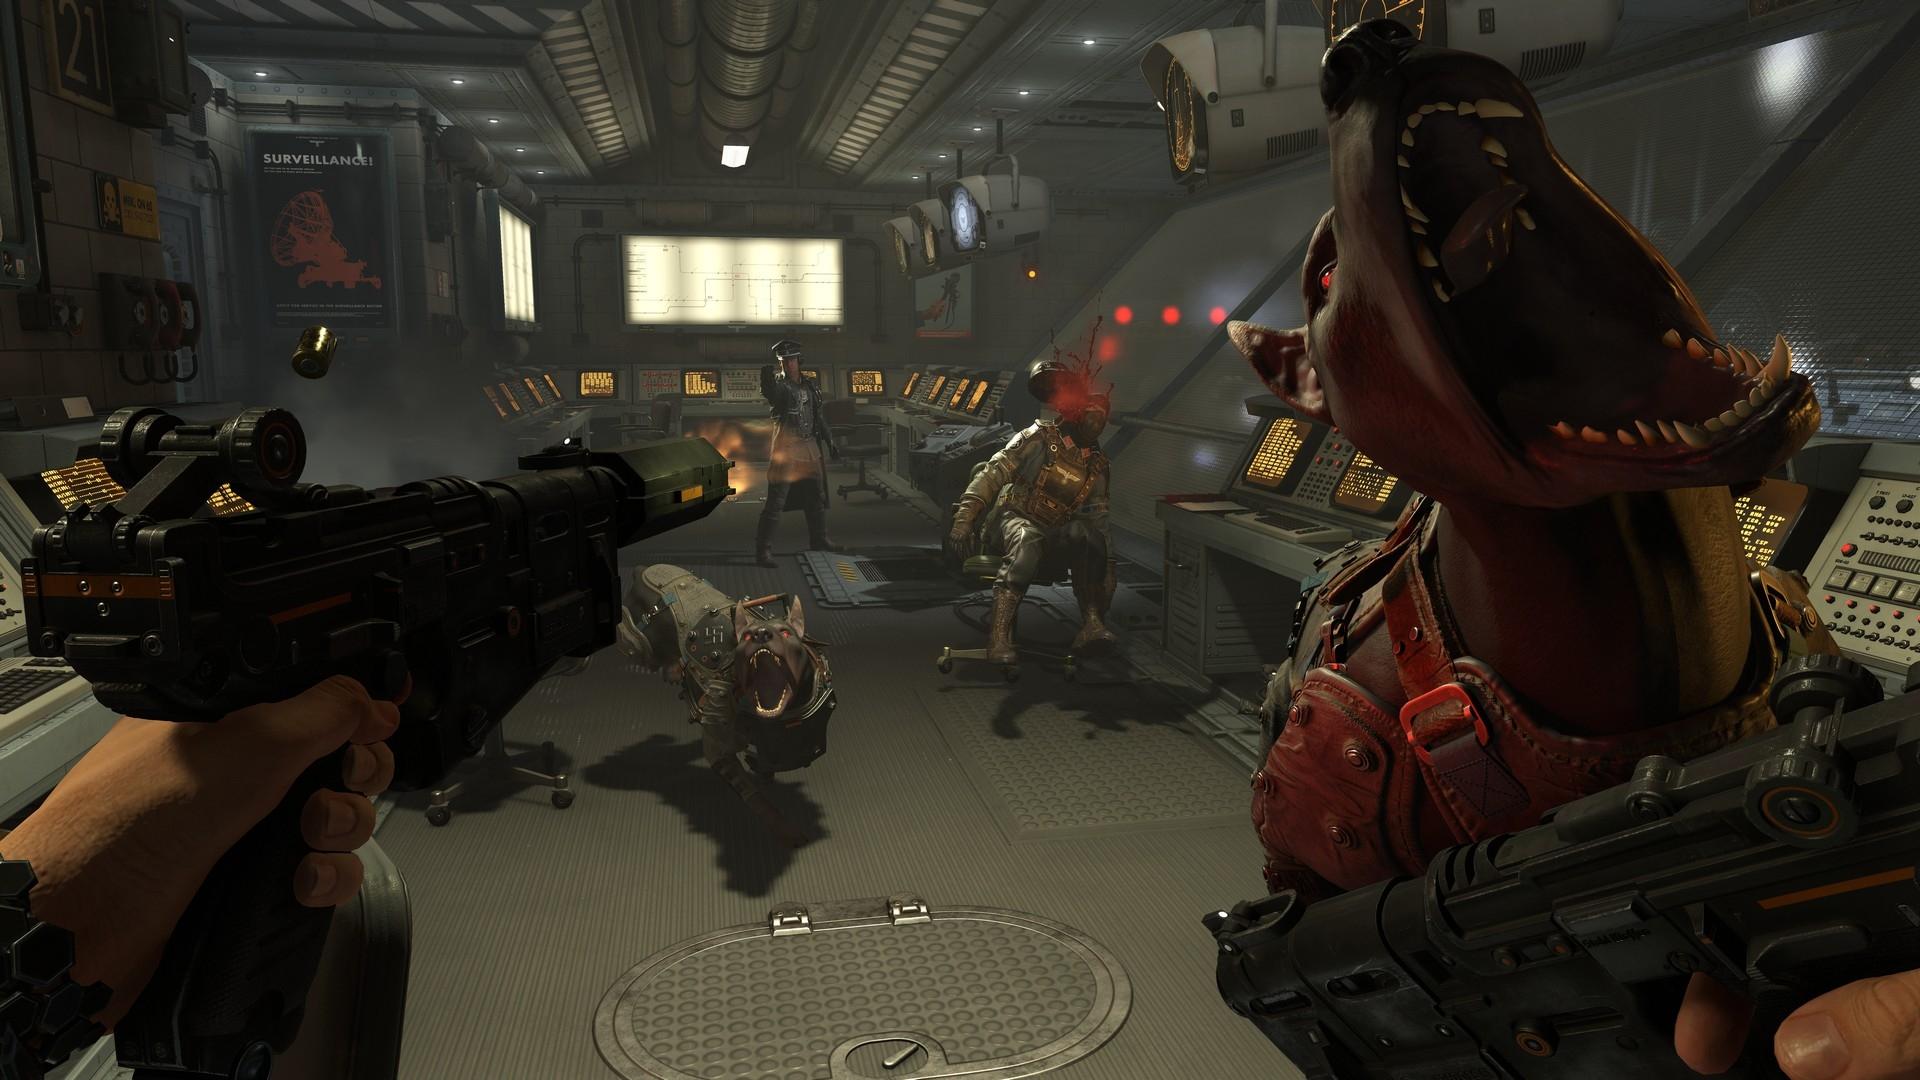 Фанат воссоздал локацию из Wolfenstein 2: The New Colossus на Unreal Engine 4